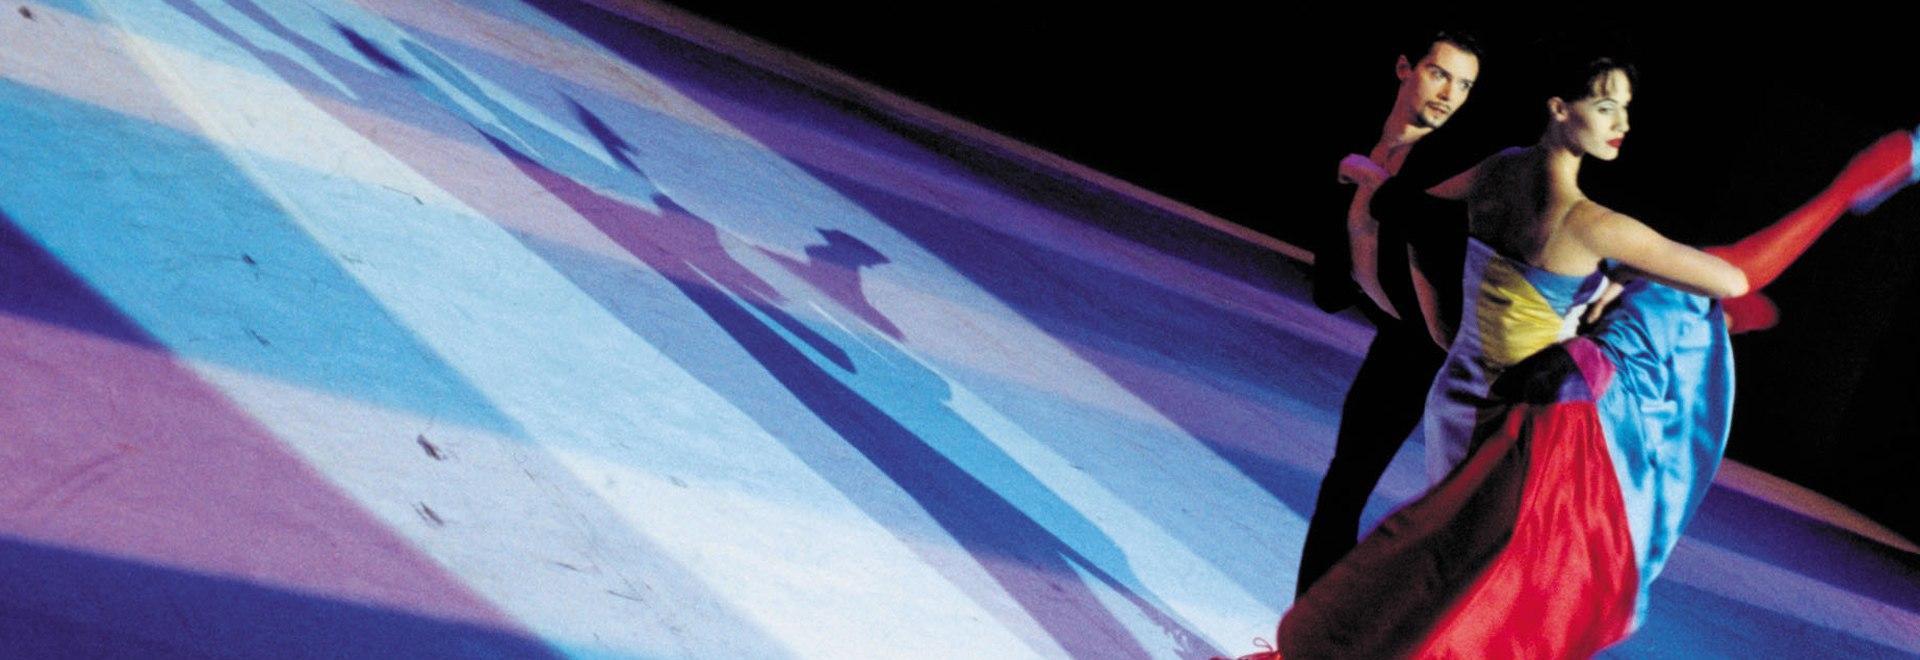 Queen & Béjart - Ballet for Life